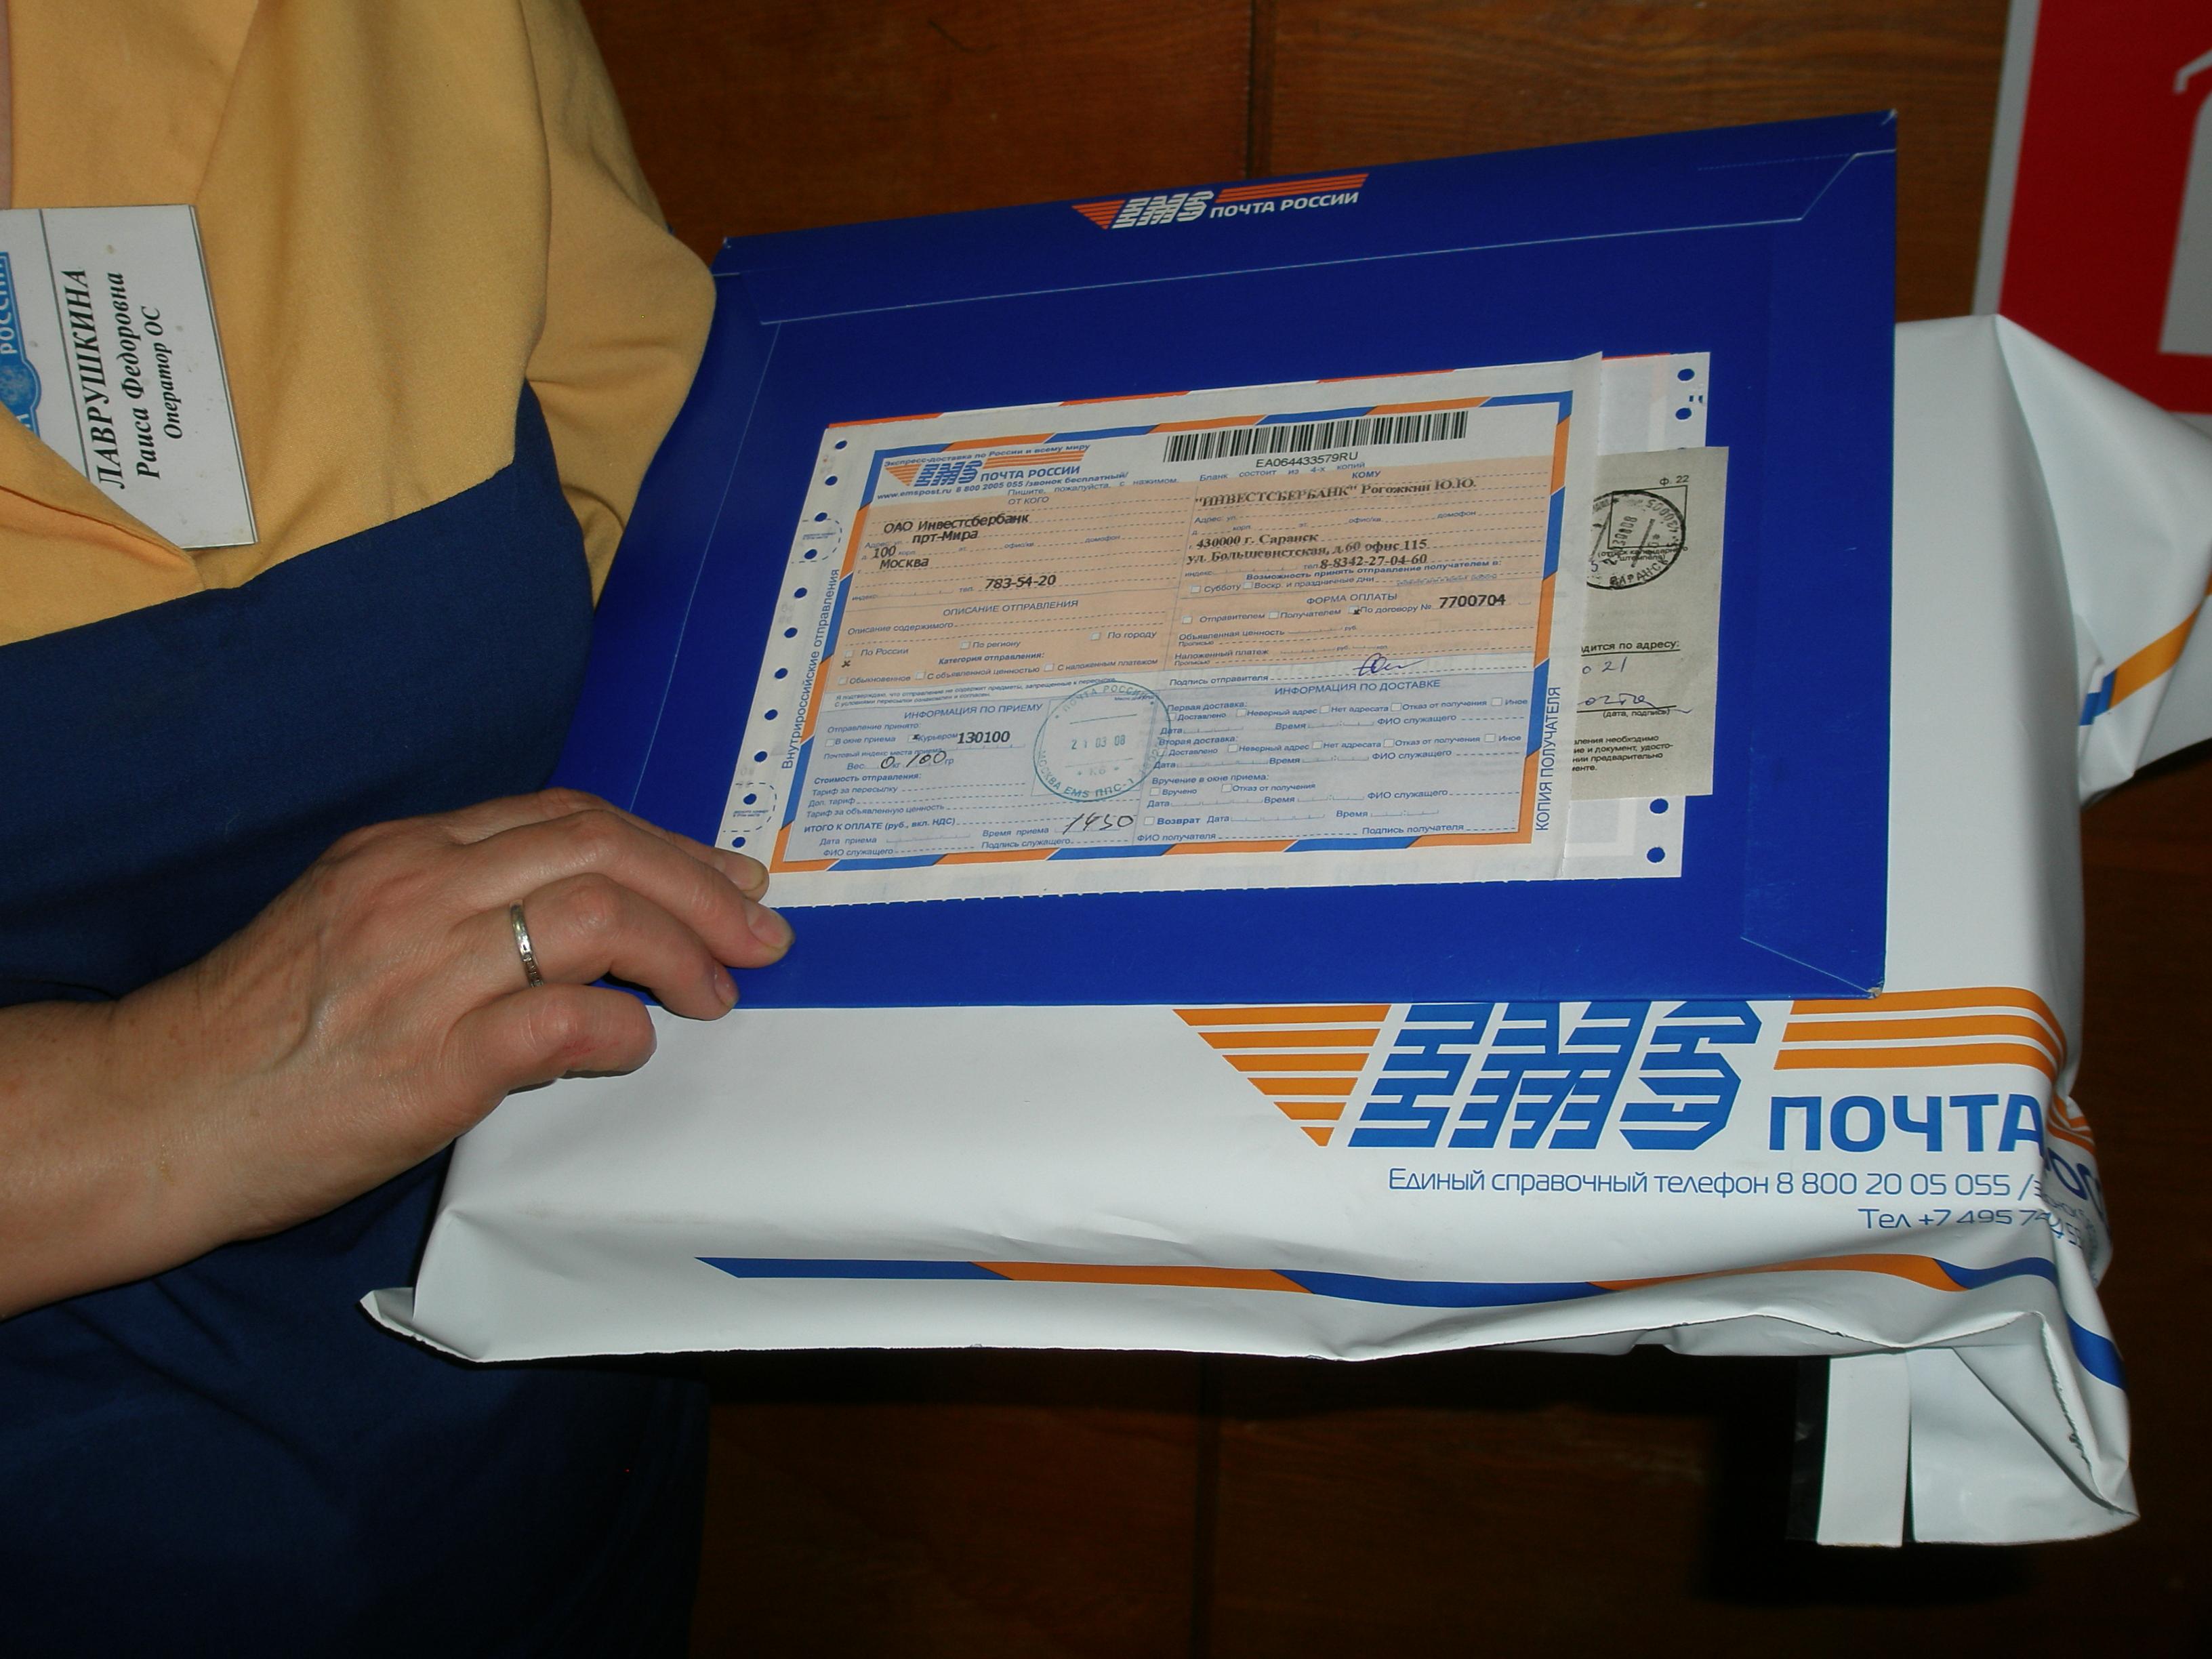 Емс отслеживание почтовых отправлений | ems экспресс почта россии: отзывы, адреса отделений на карте, телефоны